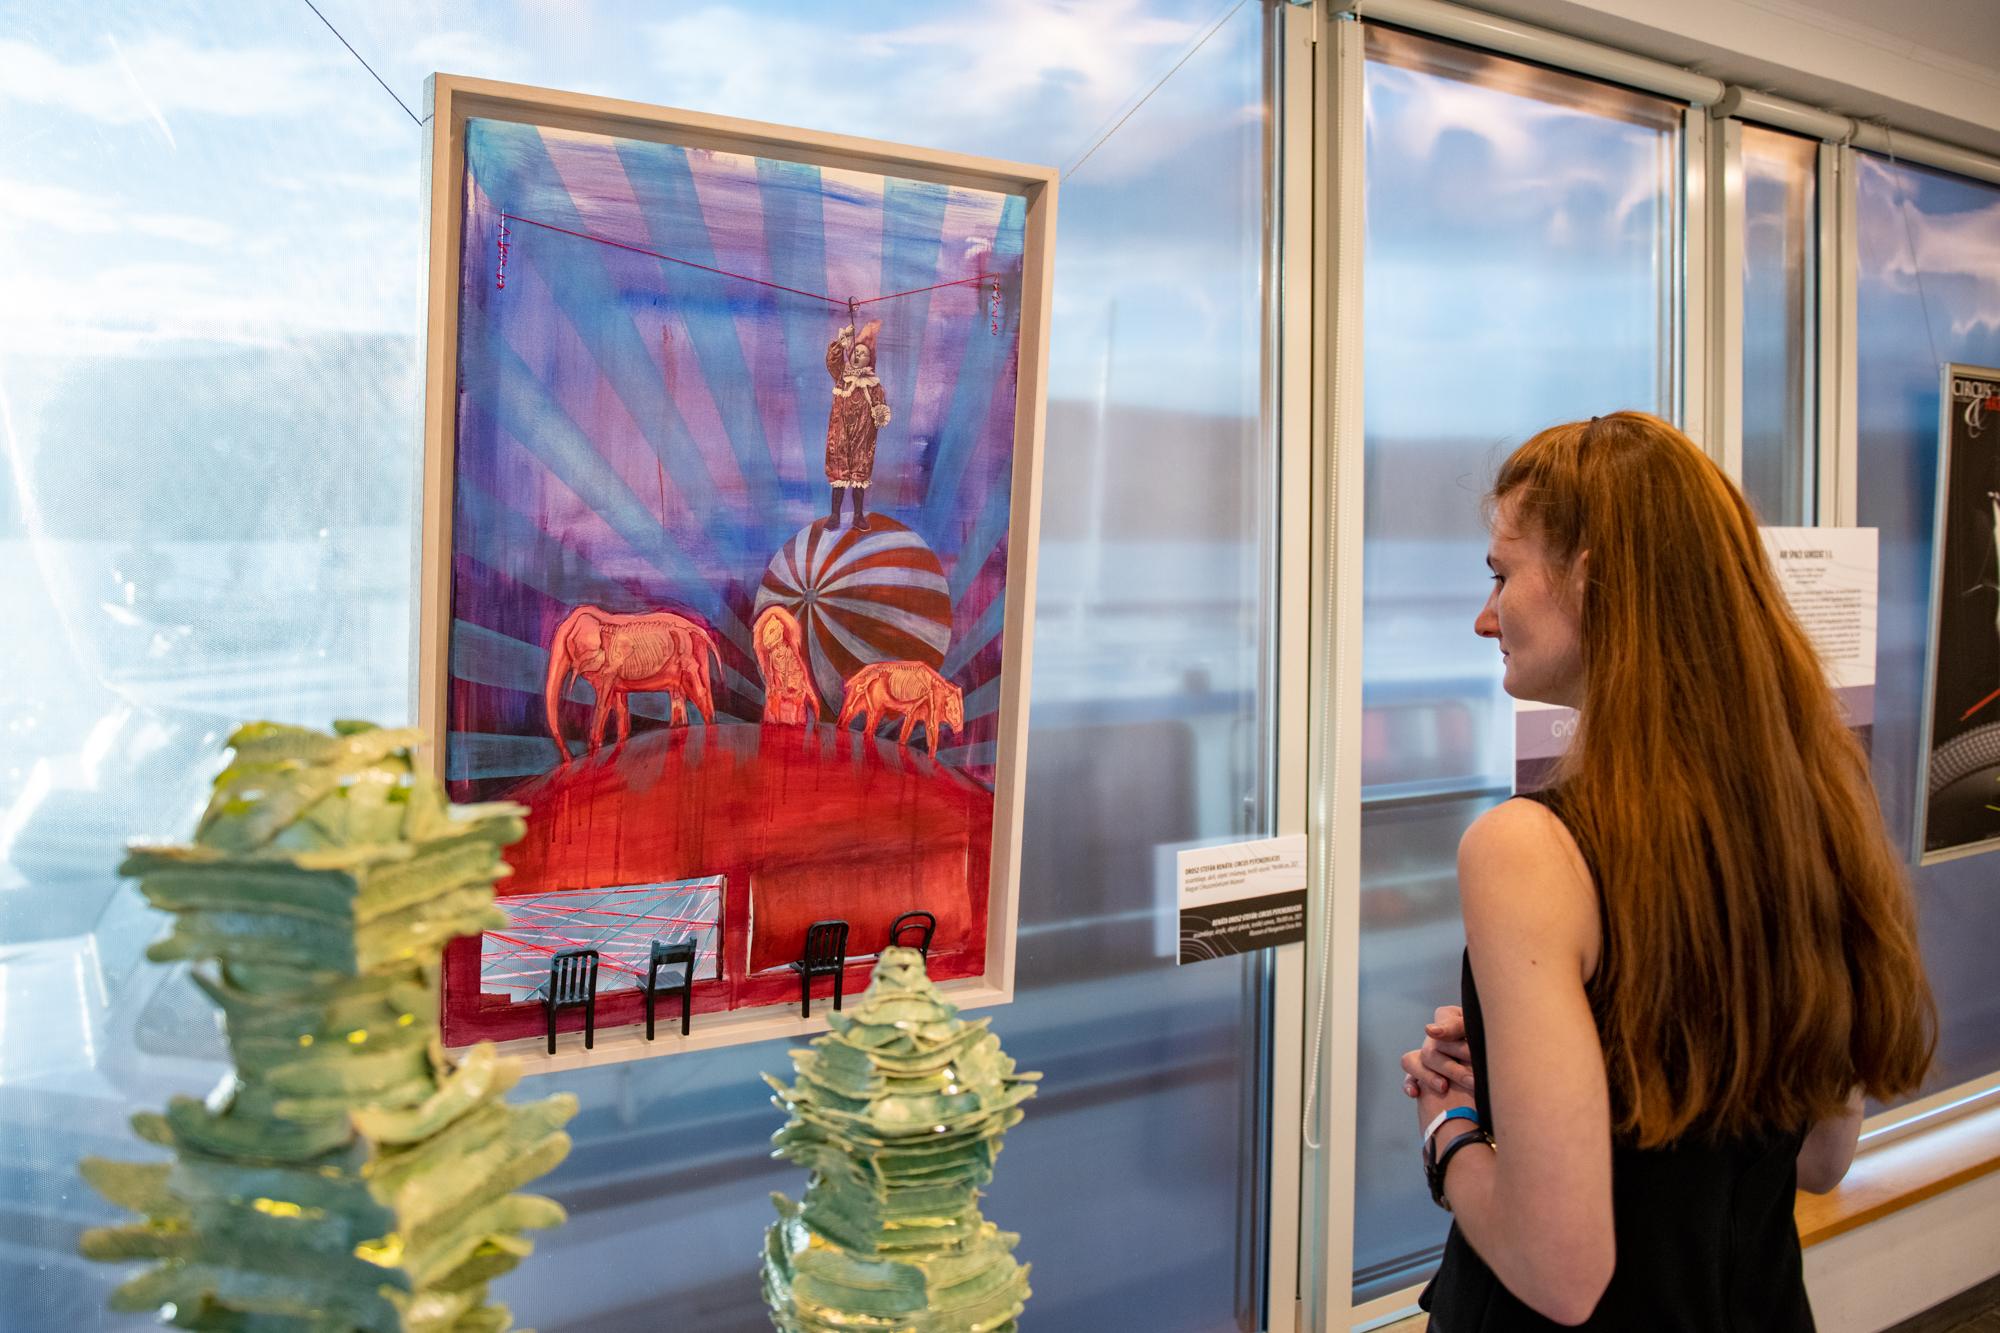 Az egynapos kiállítás 114 hazai kortárs képzőművész 250 cirkuszi tematikájú új művét – festmény, grafika, szobor, kisplasztika, fotó, videó és iparművészeti alkotás – mutatta be.